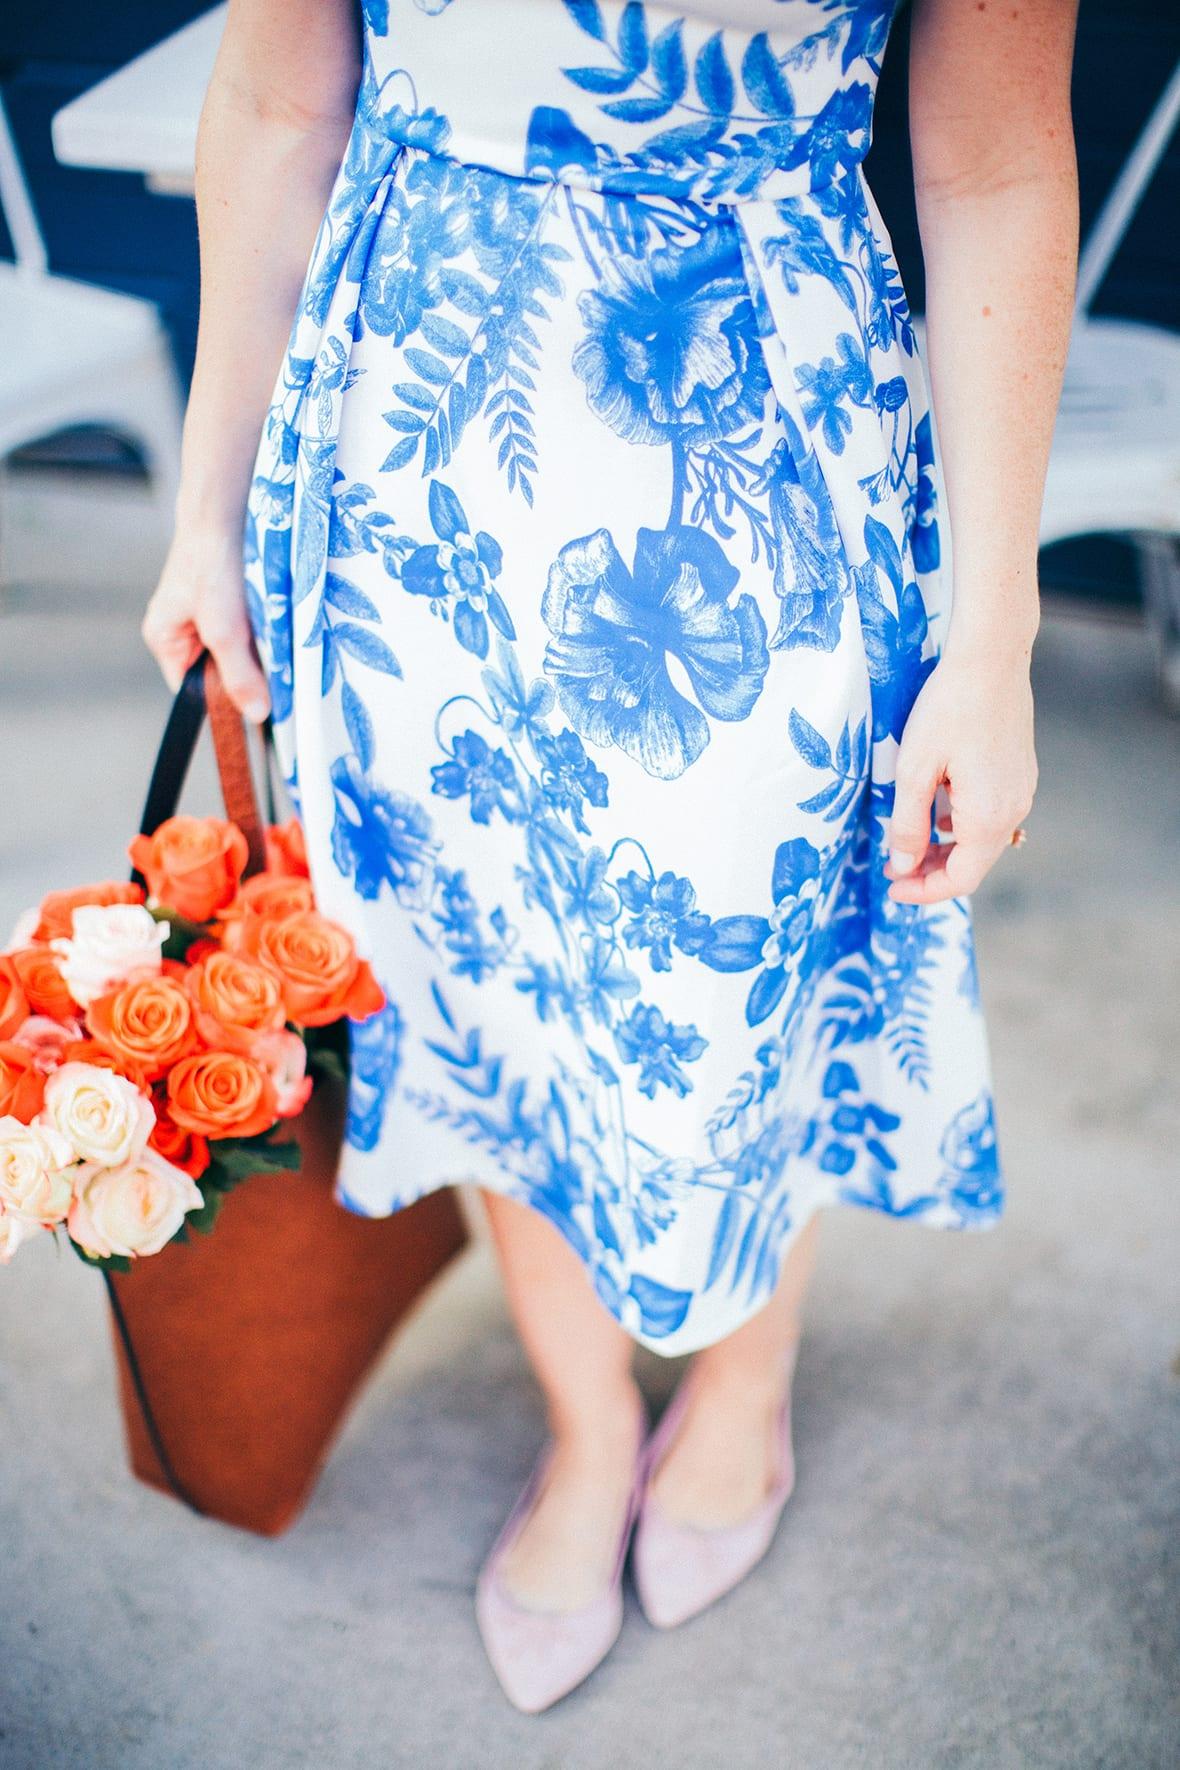 Poor Little It Girl - Blue Floral Dress - @poorlilitgirl